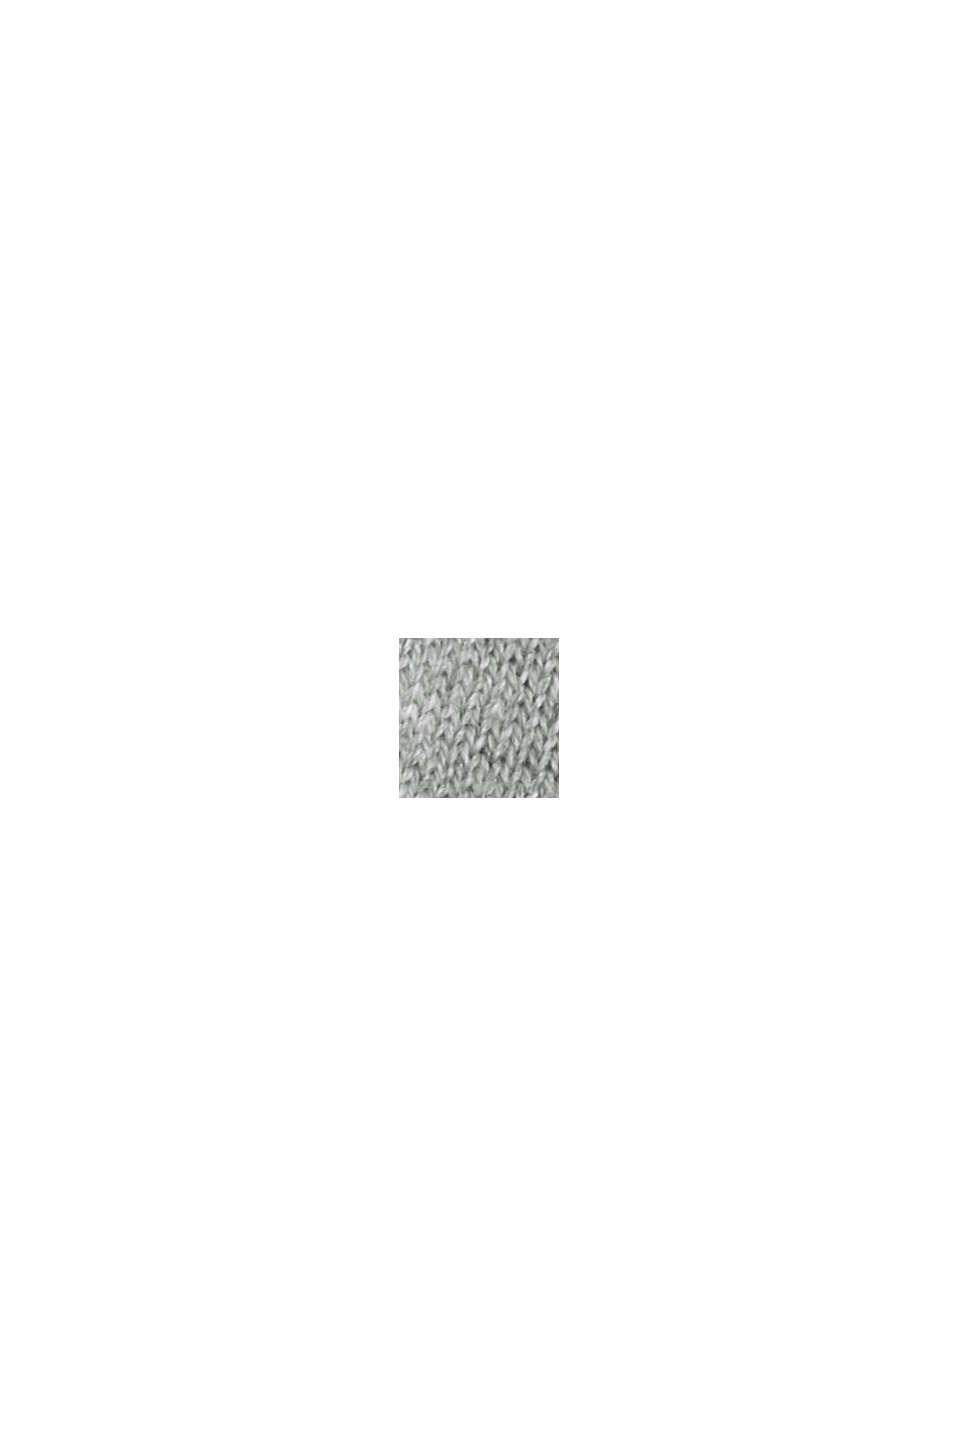 Jersey estilo sudadera de algodón Pima, MEDIUM GREY, swatch